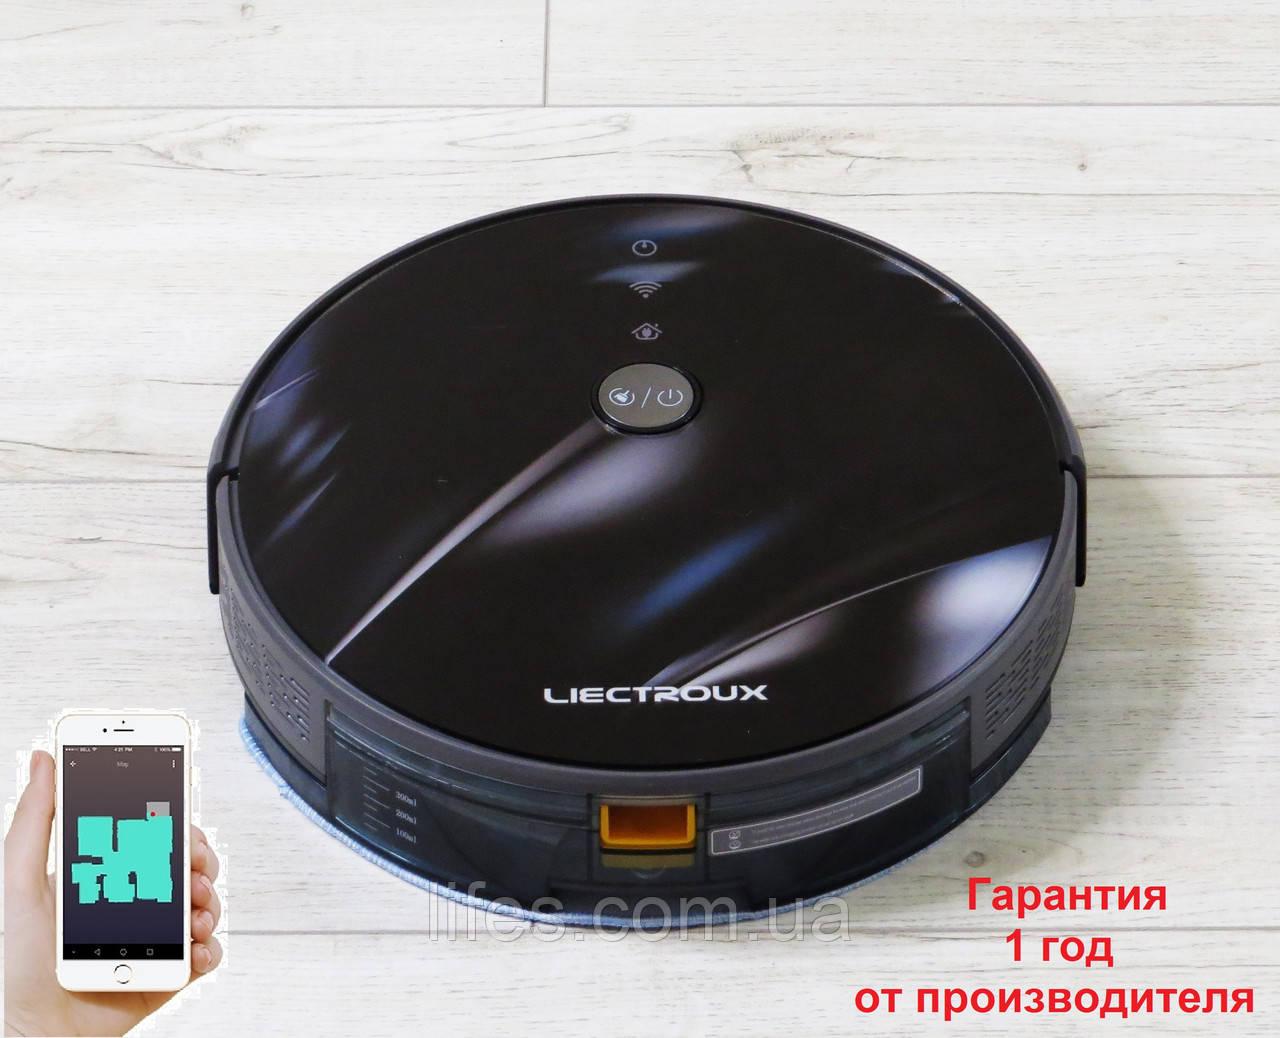 Робот - пылесос LIECTROUX C30B. 3D Блик  WI-FI. Немецкий бренд. Европейская версия. Модель 2020 года.